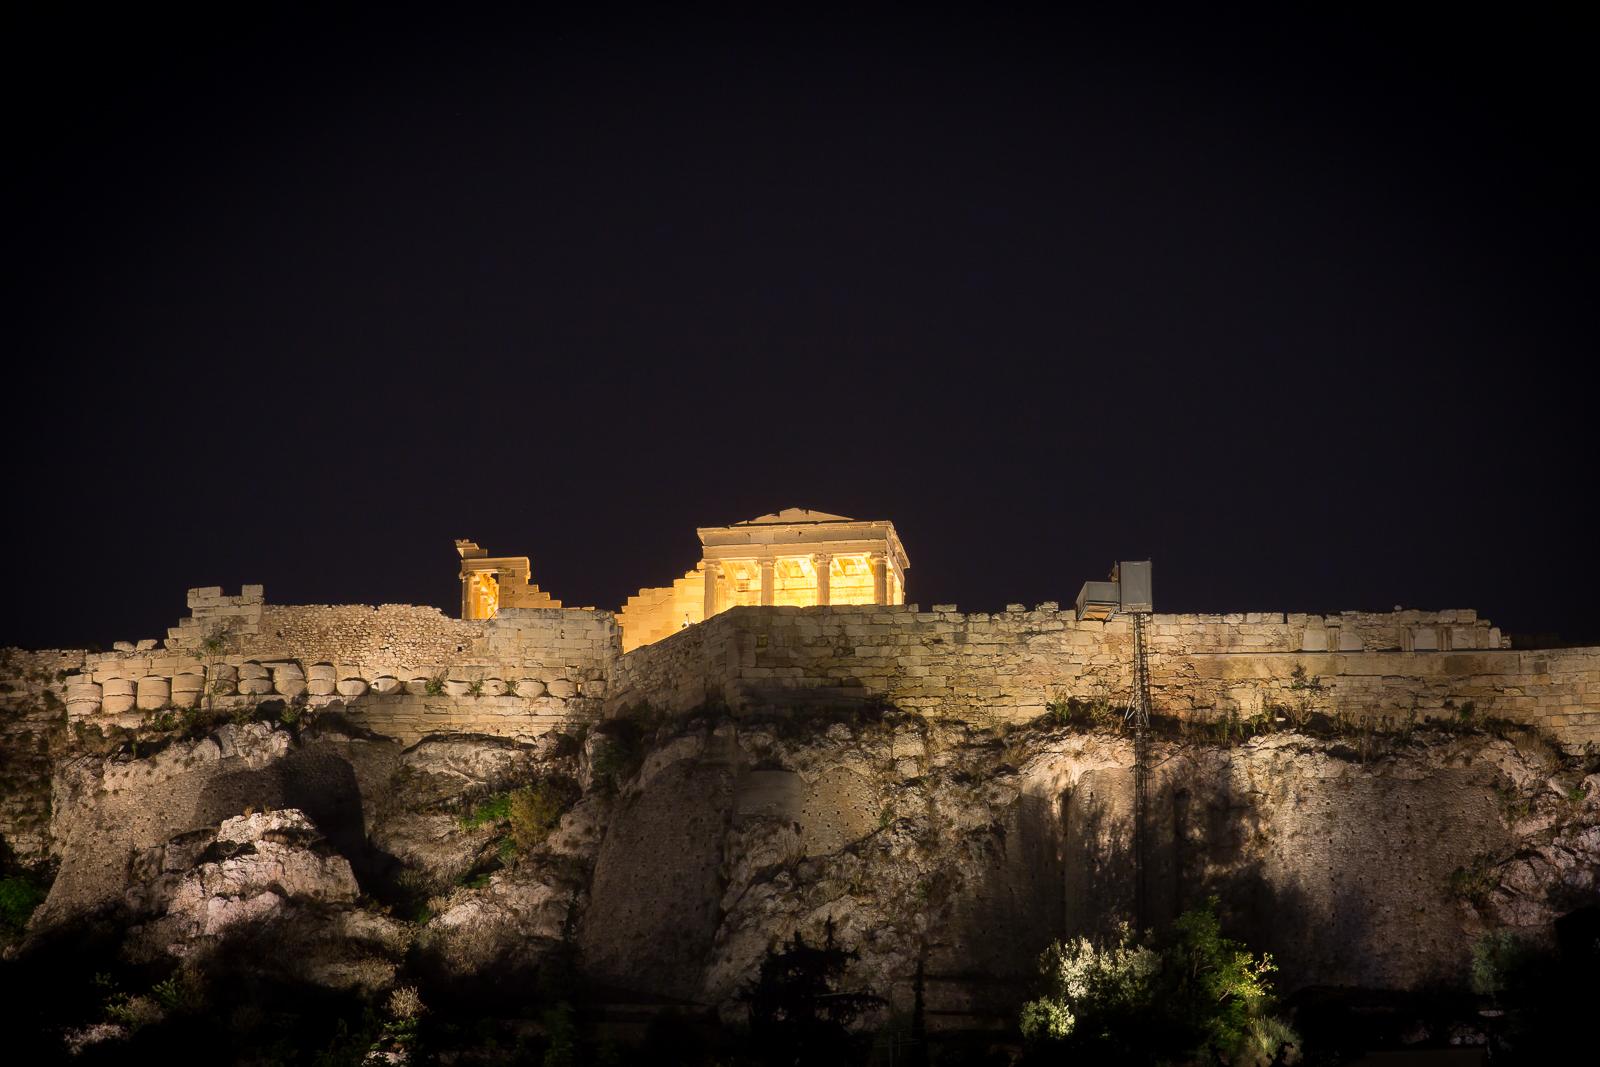 Acropolis, Athens - Greece